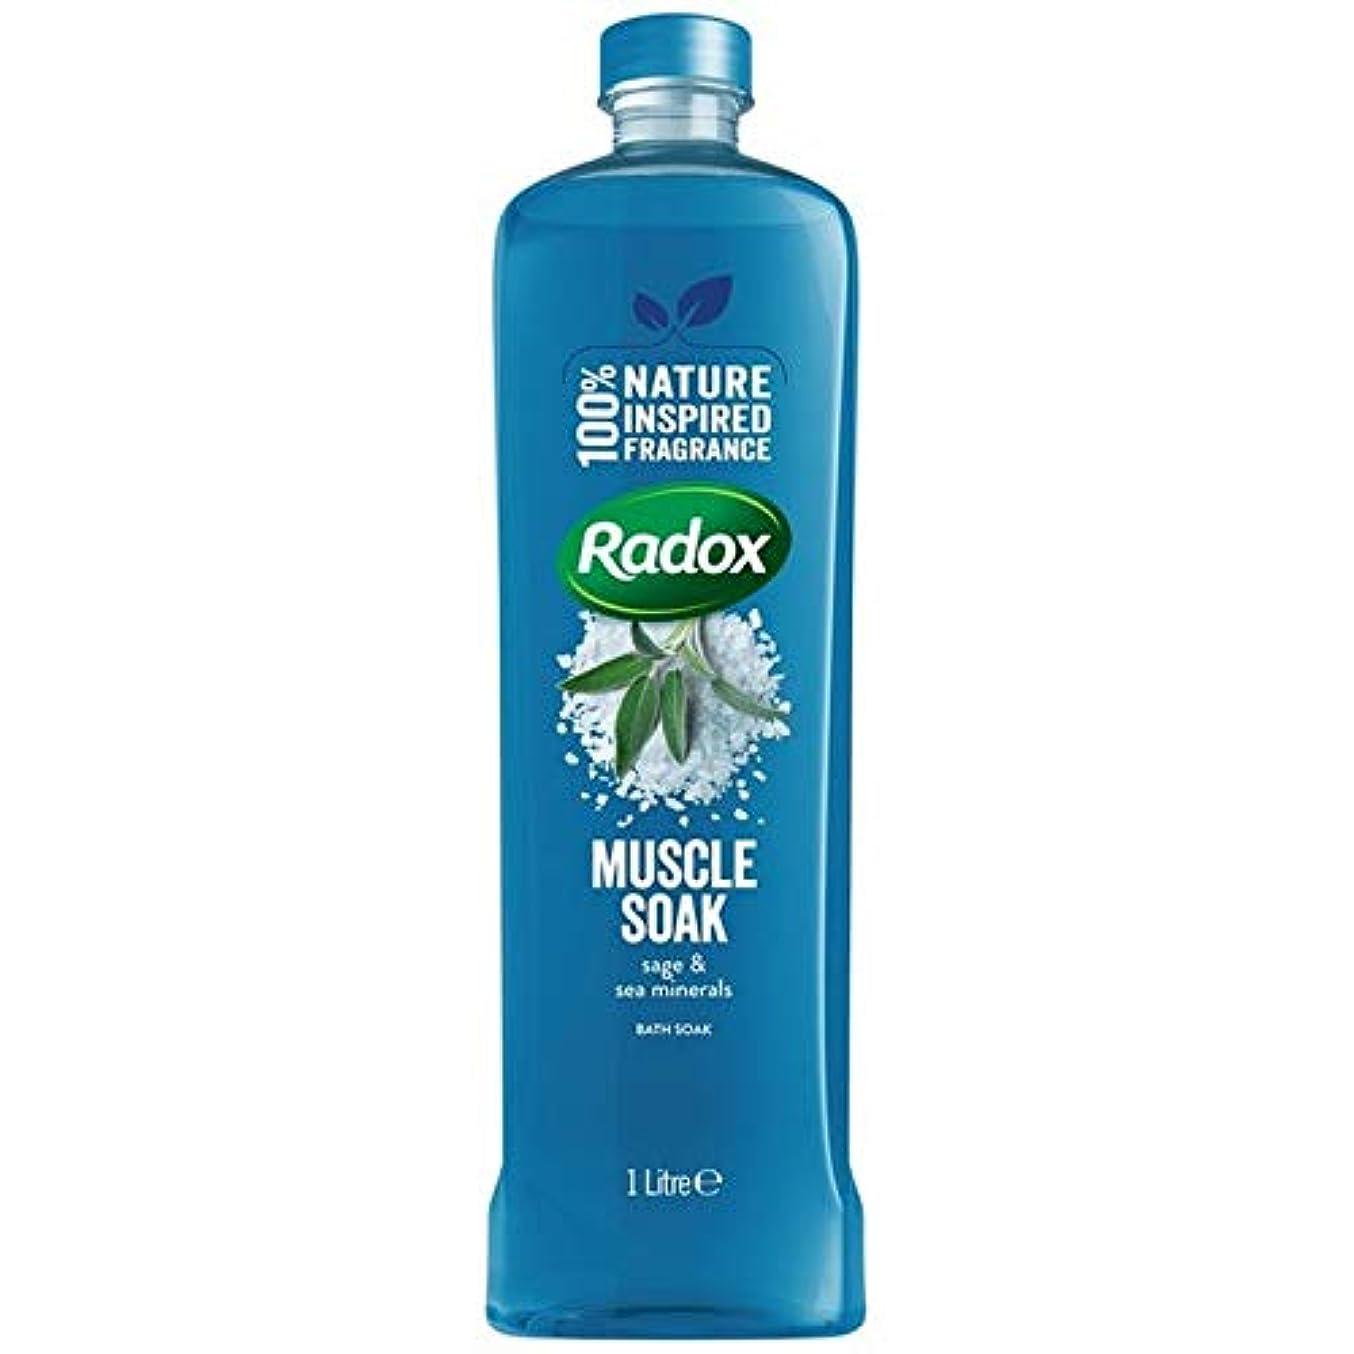 経験的透過性有用[Radox] Radox筋はセージ&海のミネラルの1リットルに浸し風呂につかります - Radox Muscle Soak Bath Soak with Sage & Sea Minerals 1L [並行輸入品]